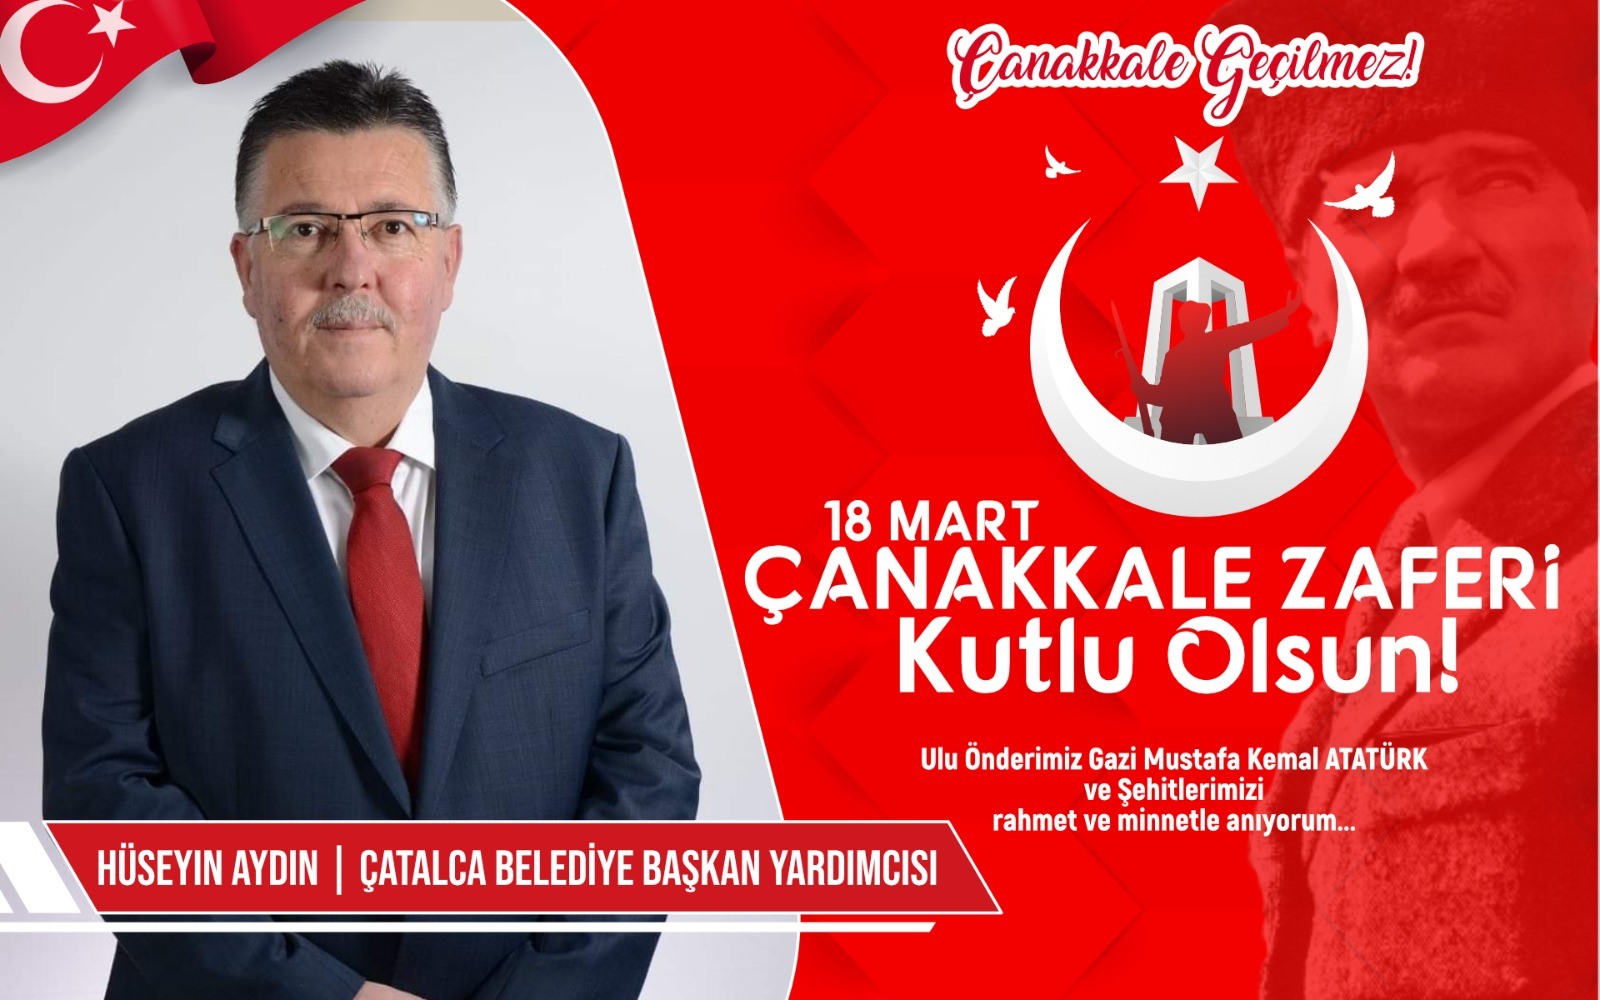 Çatalca Belediye Başkan Yardımcısı Hüseyin Aydın'dan Kutlama ve Anma mesajı